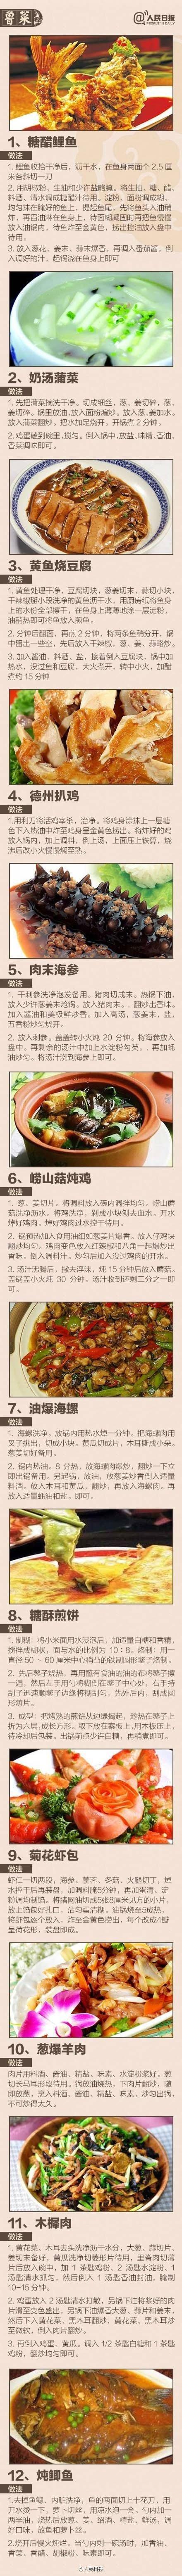 八大菜系,100道菜做法